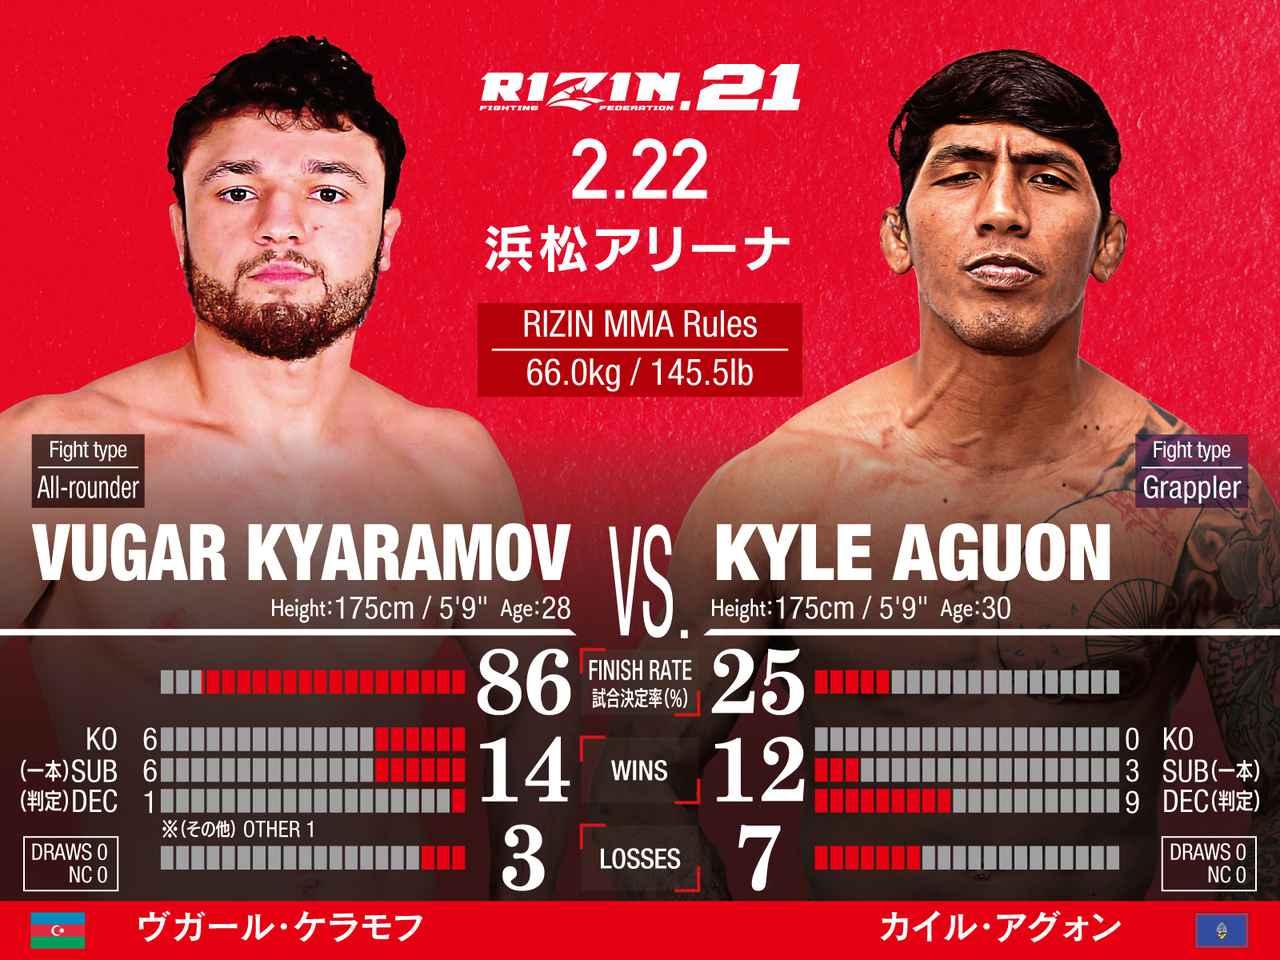 画像: 第3試合/スペシャルワンマッチ ヴガール・ケラモフ vs. カイル・アグォン